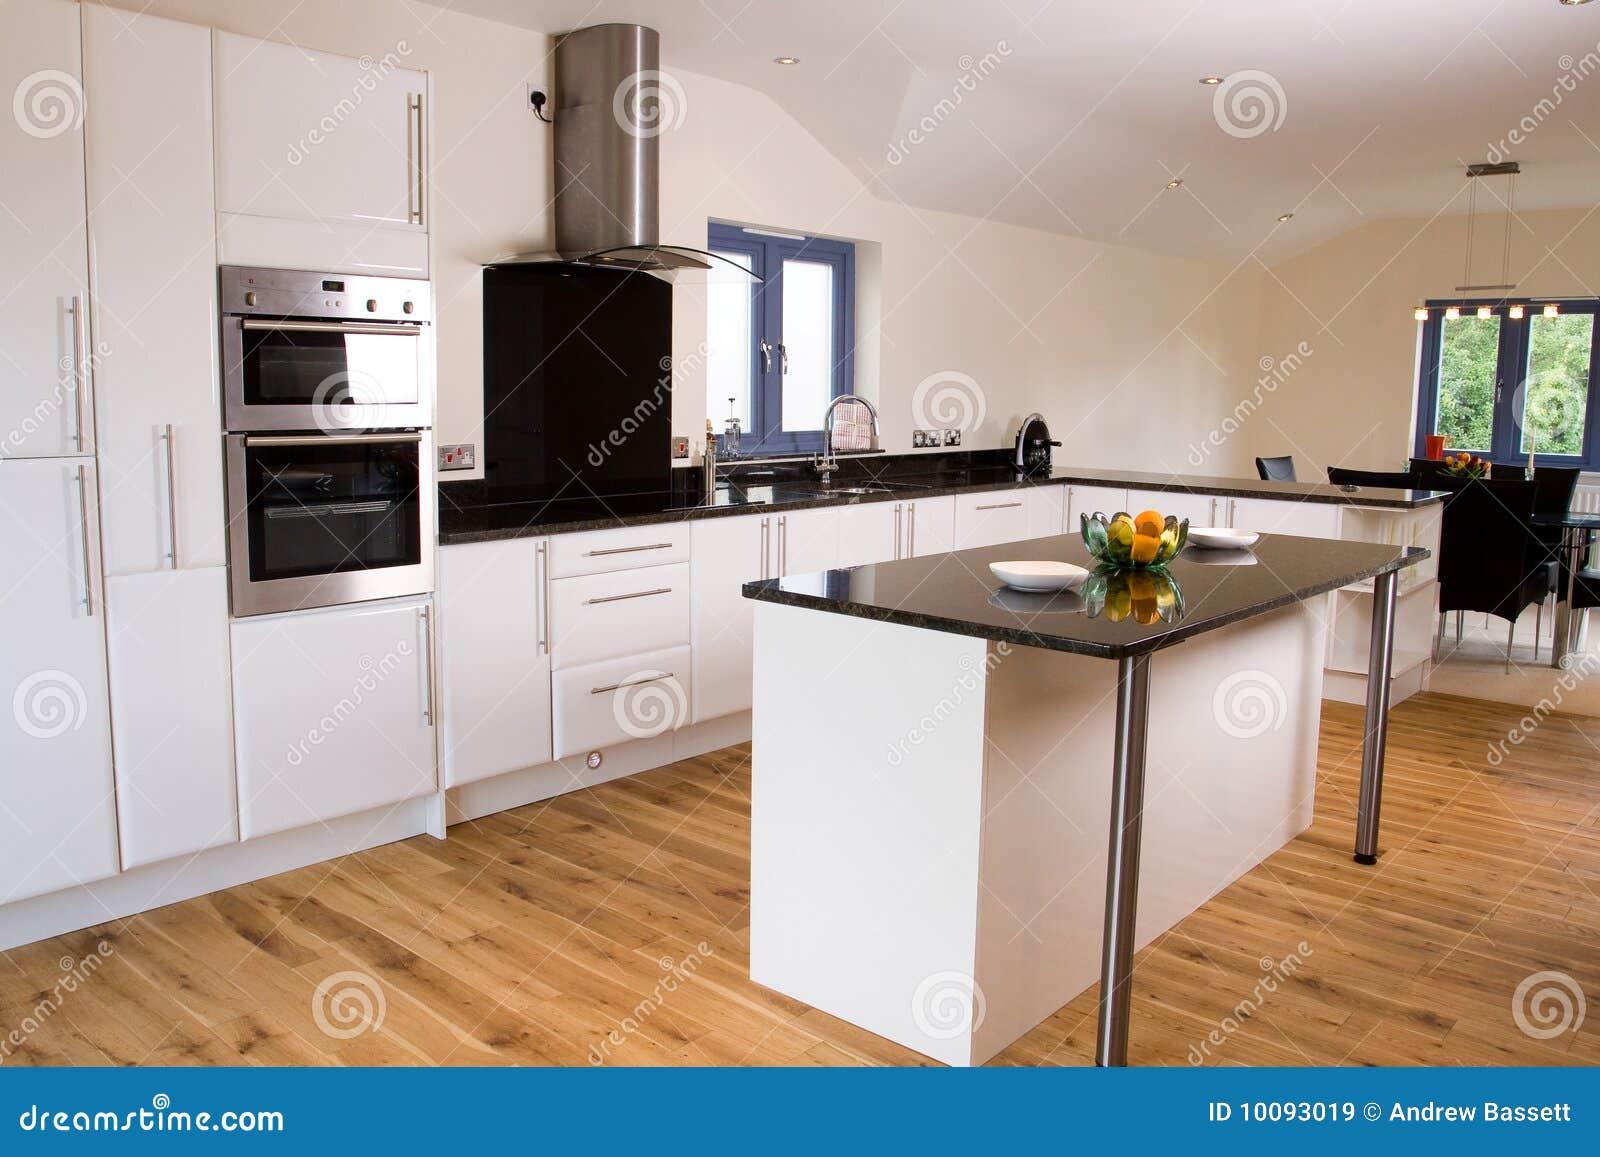 sch ne moderne k che stockbild bild von kostspielig. Black Bedroom Furniture Sets. Home Design Ideas